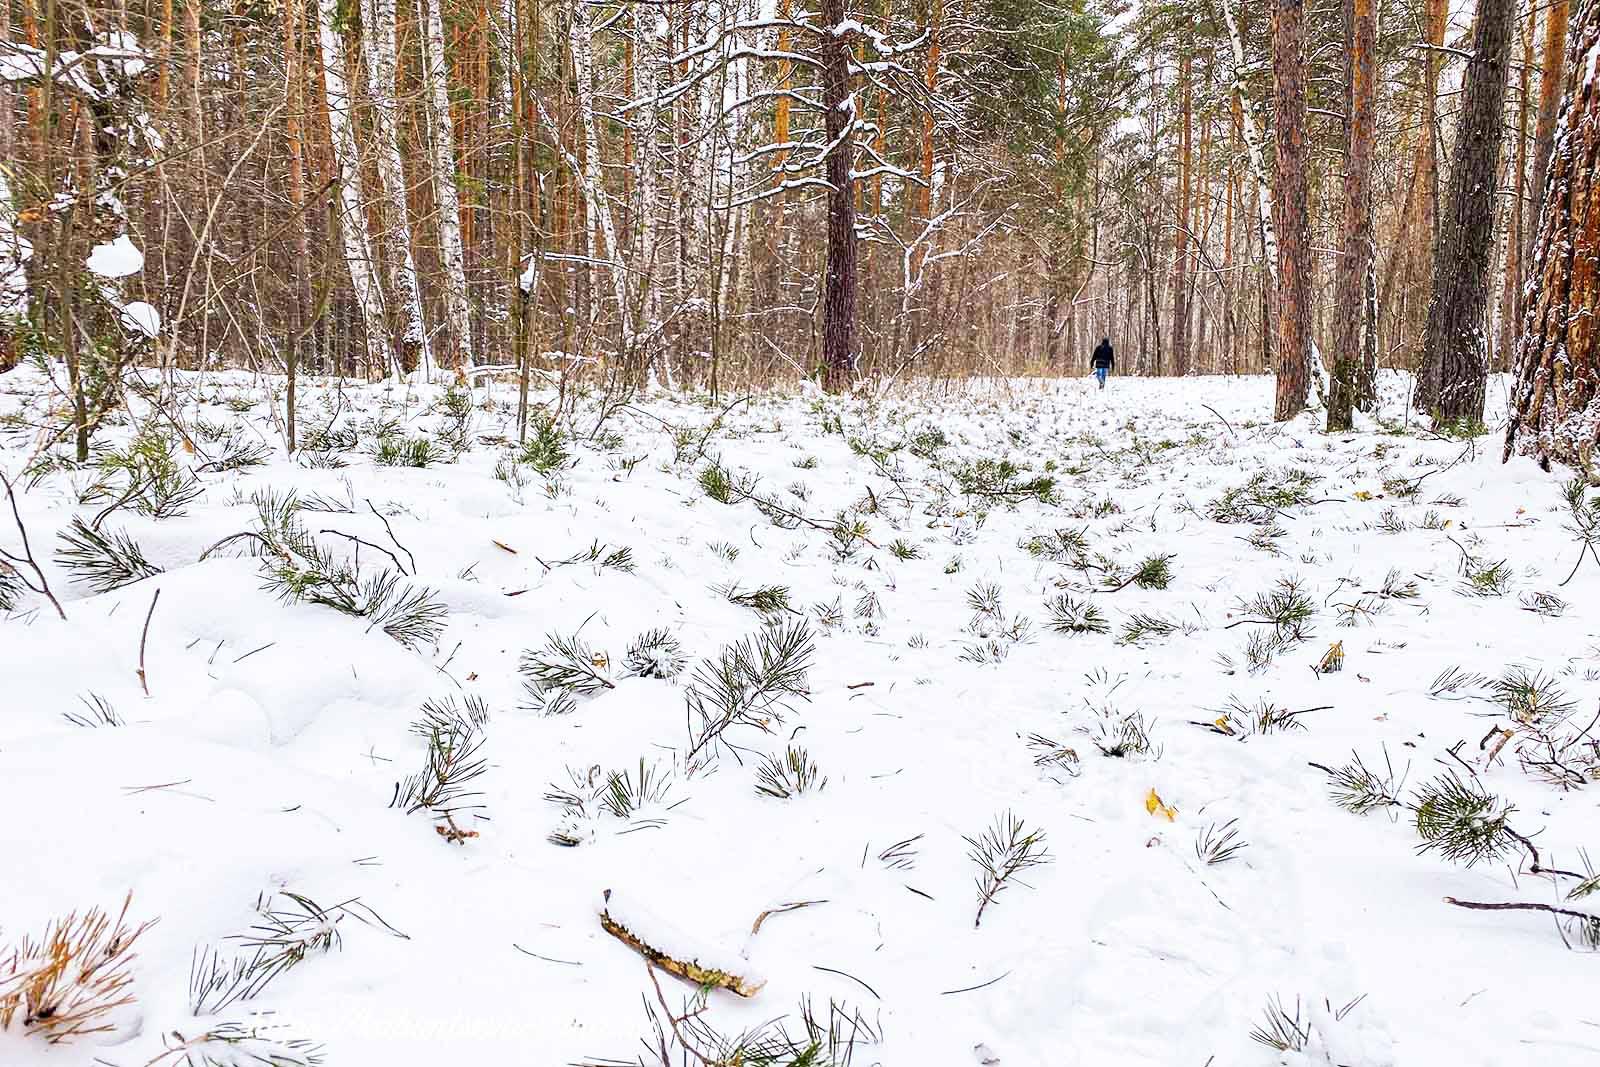 зима в лесу фото